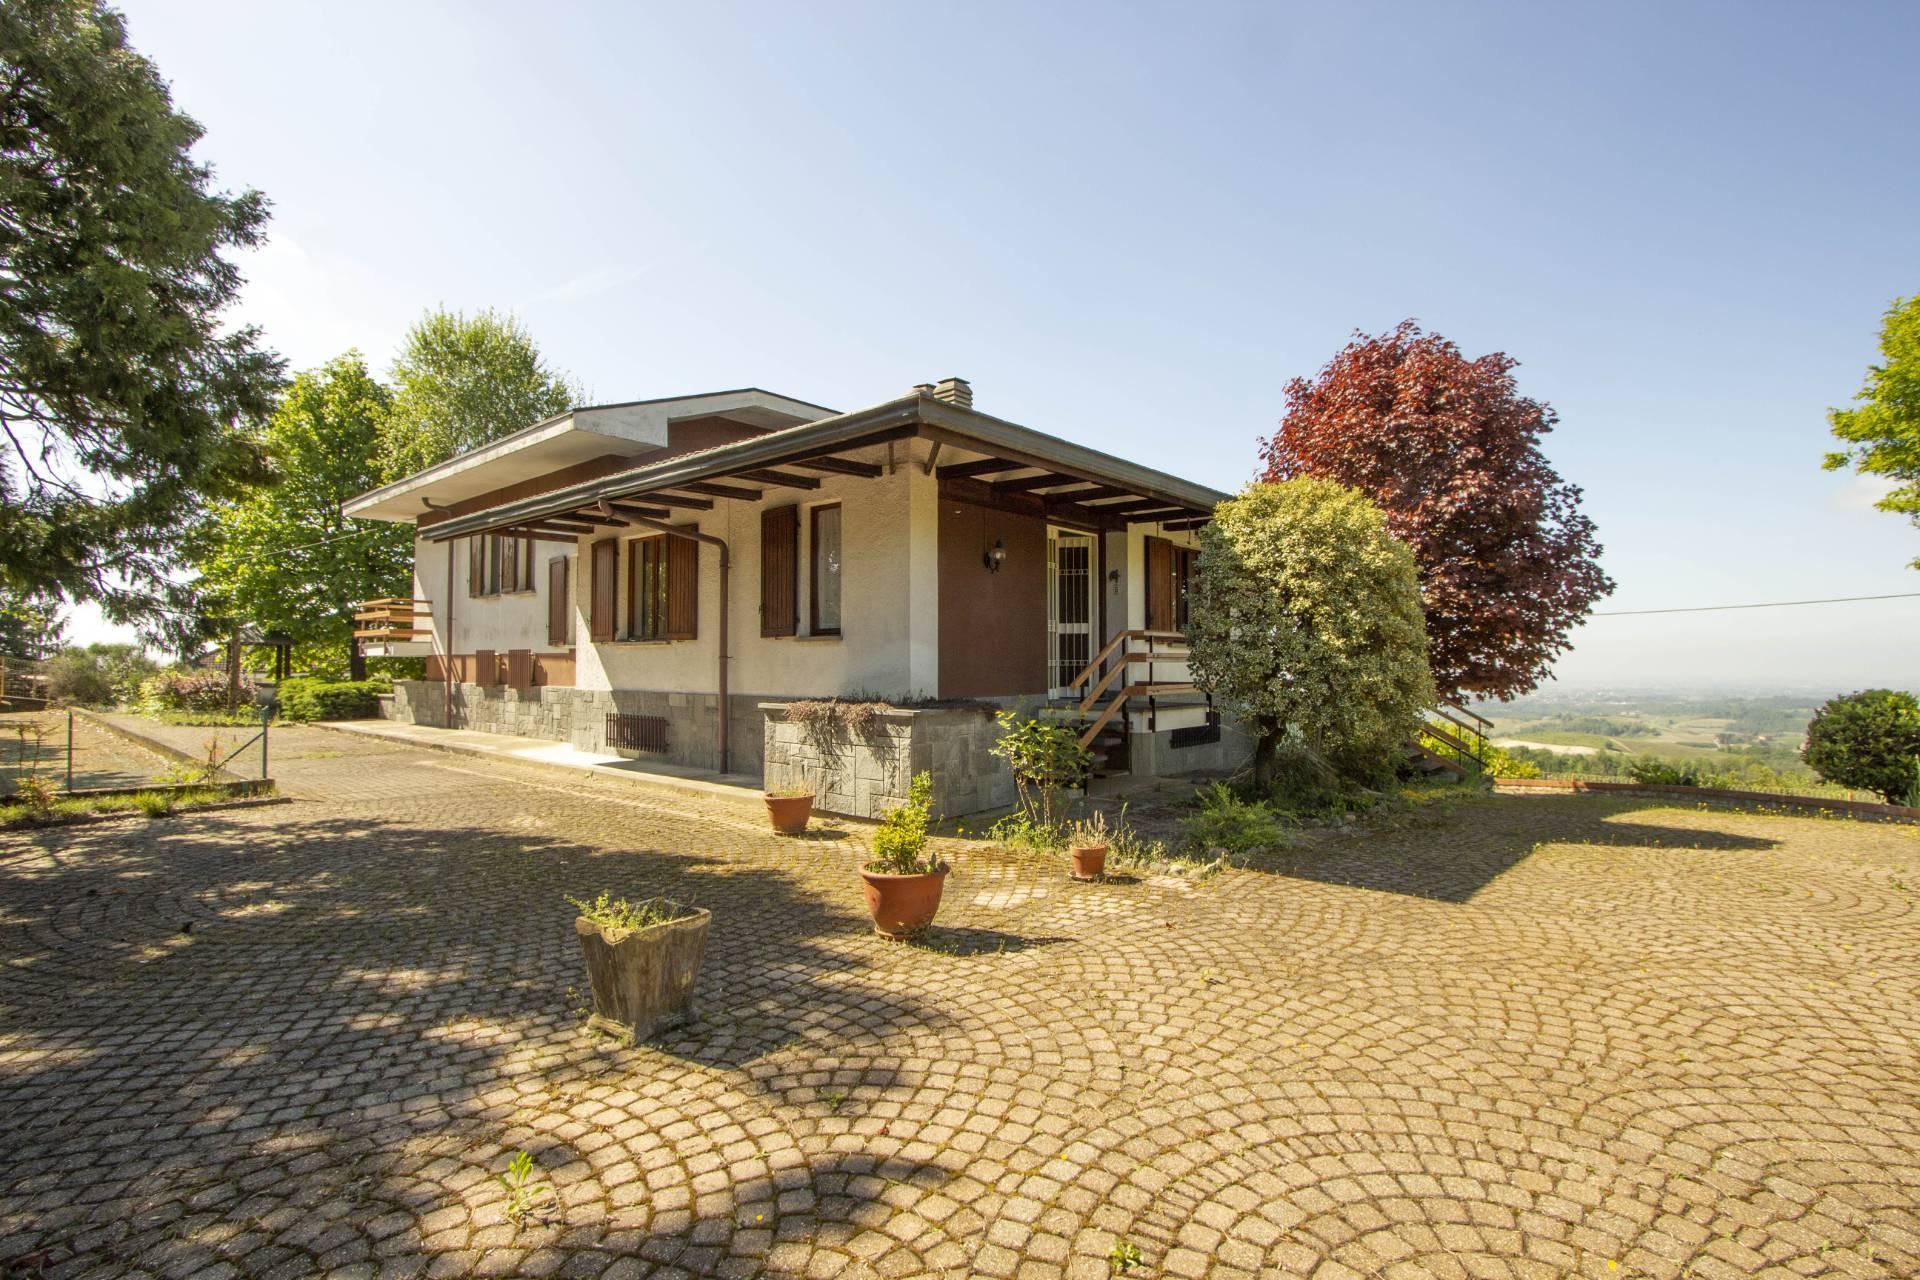 Villa in vendita a Albugnano, 6 locali, zona Località: Localit?S.antonio, prezzo € 249.000 | CambioCasa.it